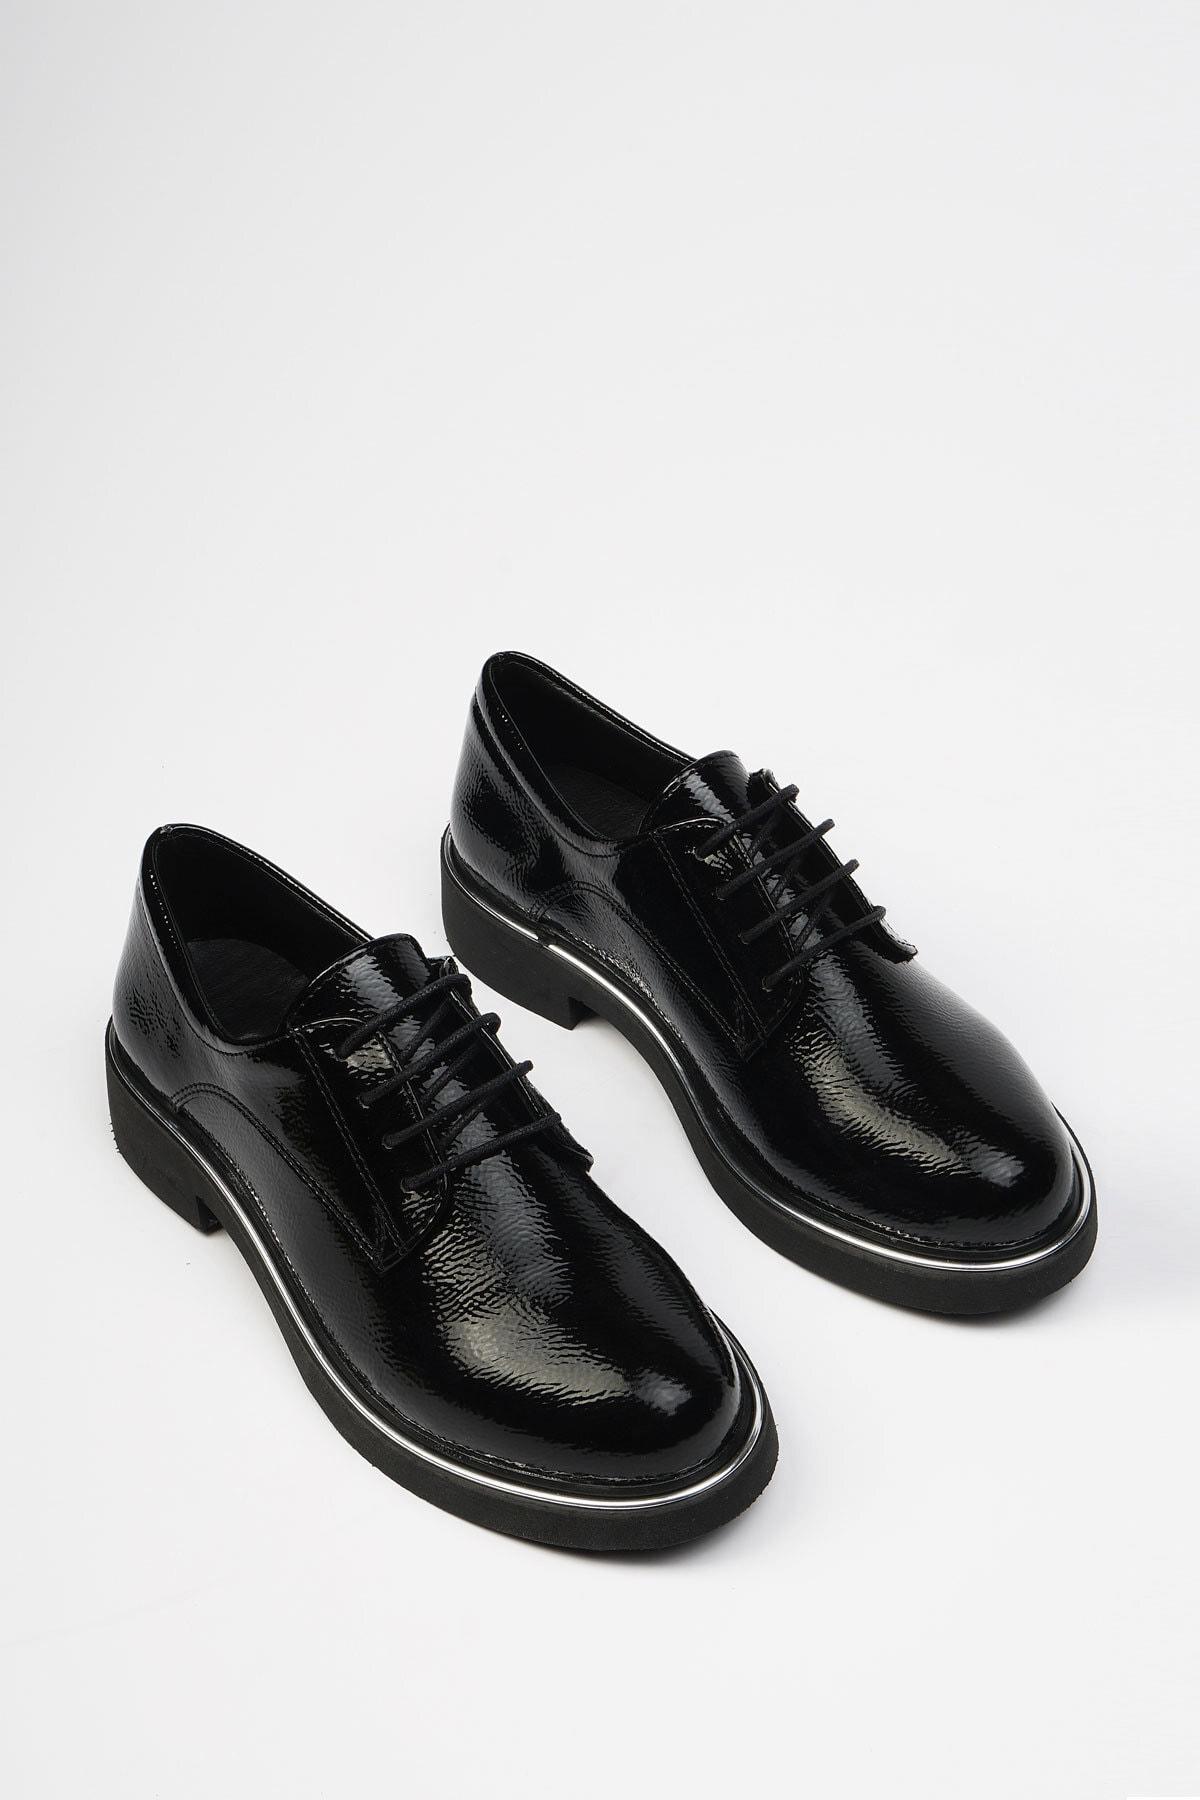 Marjin Siyah Rugan Kadın Terva Günlük Oxford Ayakkabı 19K0140MC5040 1